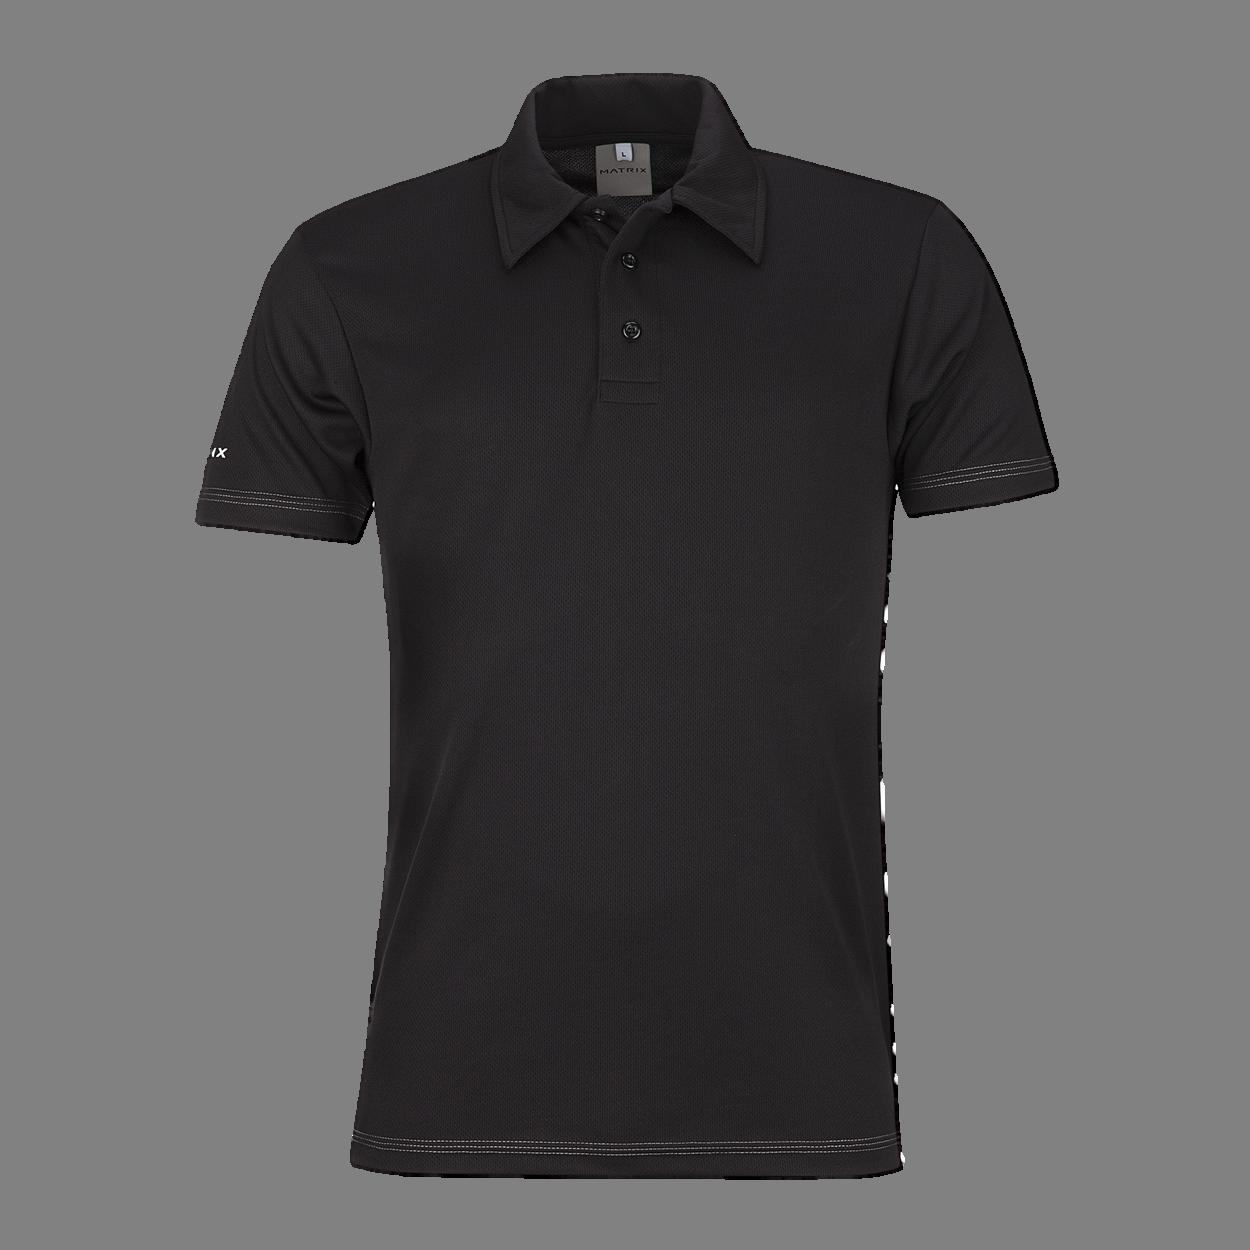 Black polo shirt PNG image